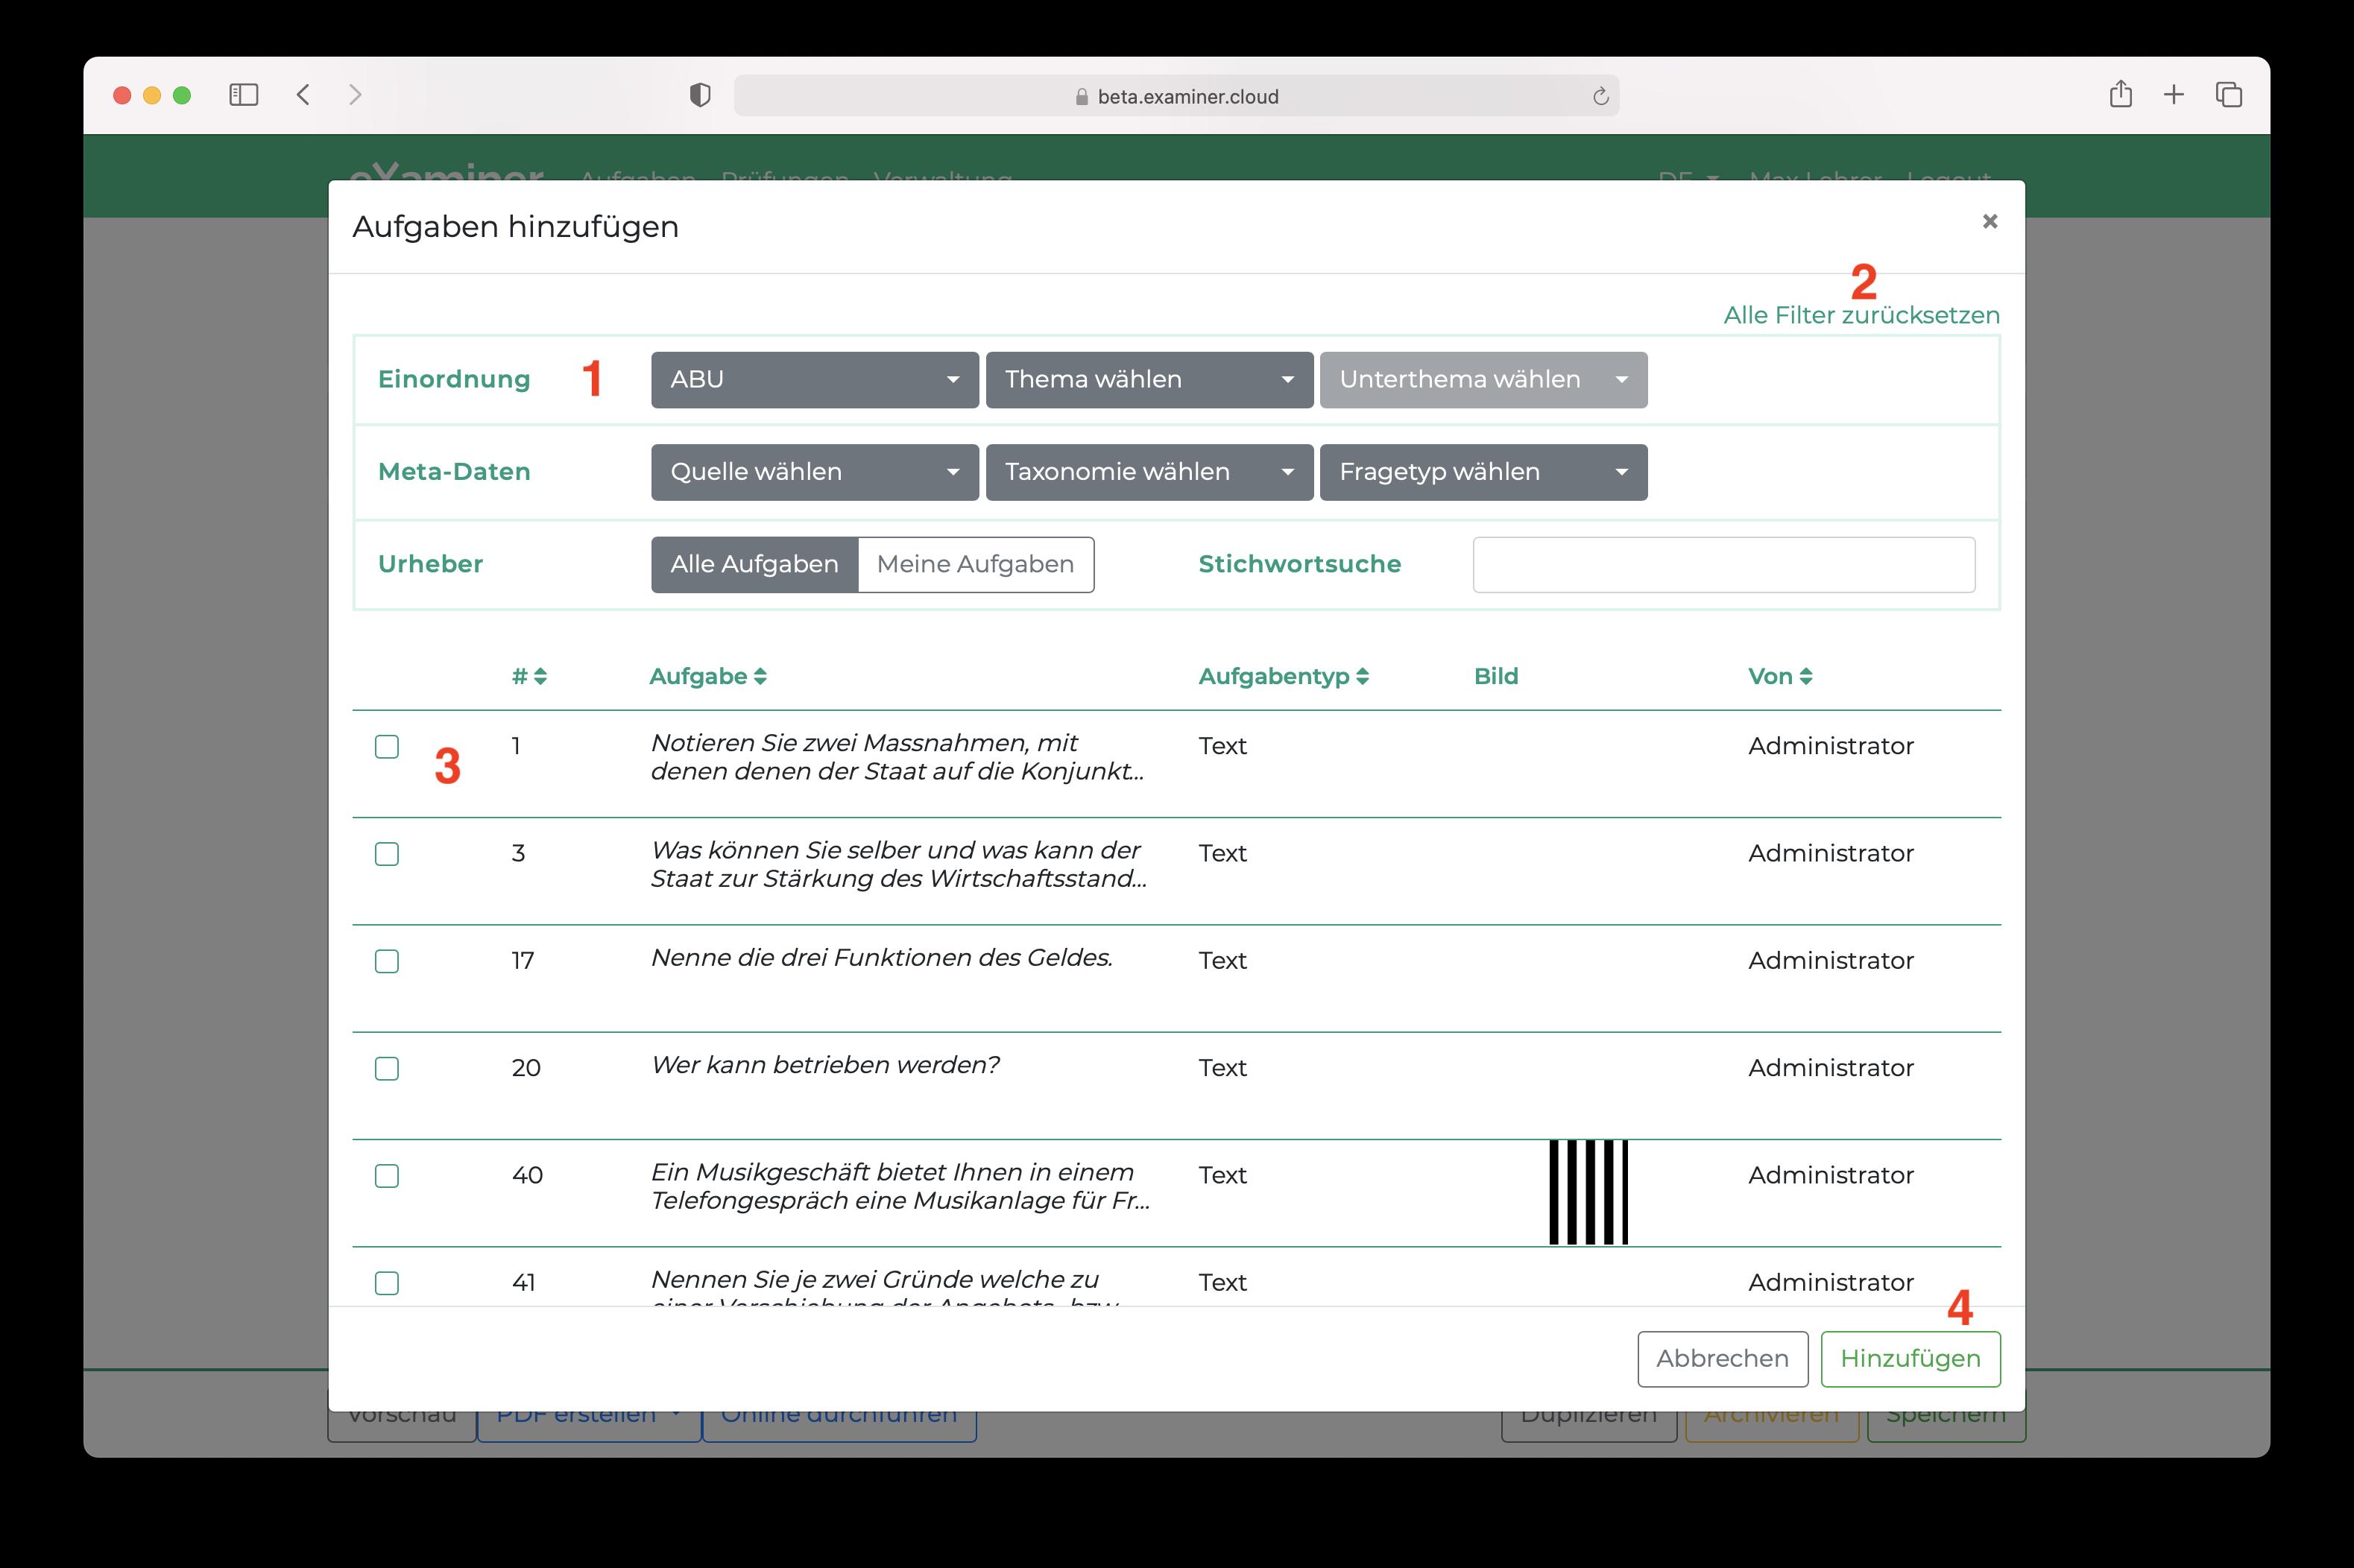 Screenshot des Dialogs um Aufgaben einer Prüfung hinzuzufügen. Die Aufgaben sind in einer Tabelle aufgelistet und können durch einen Filter gefiltert werden.